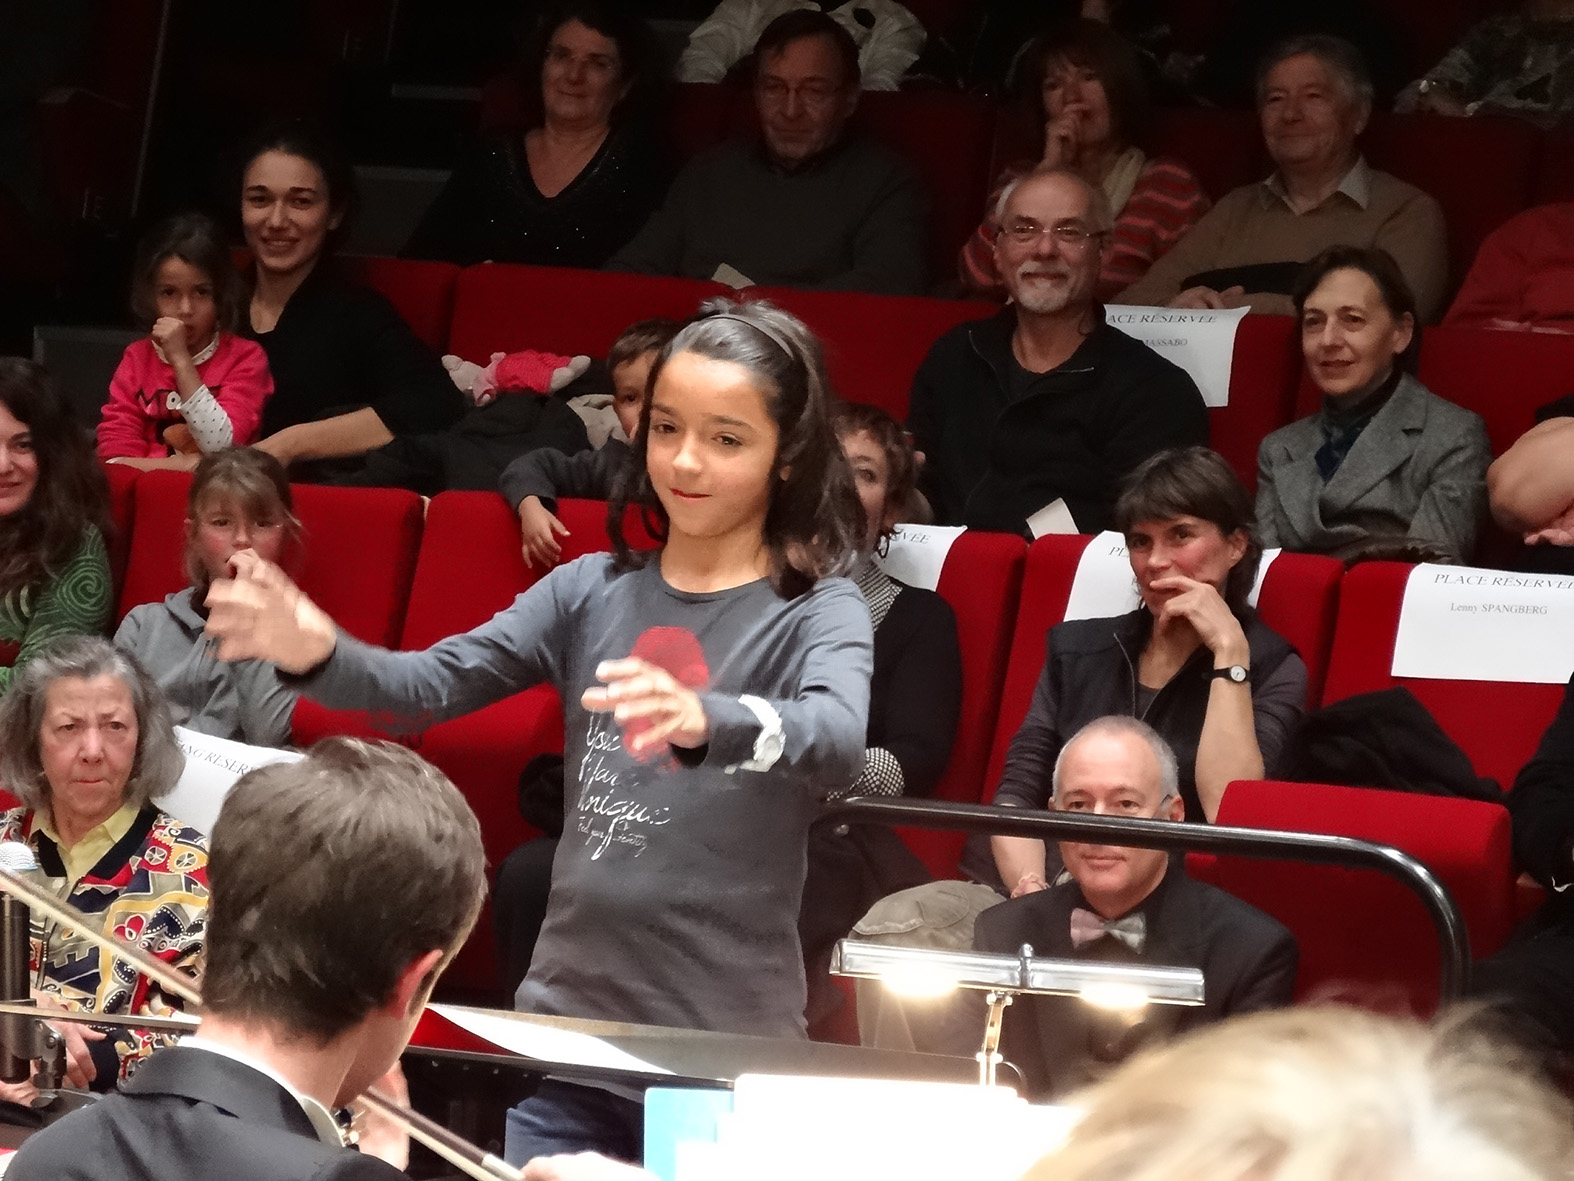 Le passage de baguette fait partie des ateliers d'Orchestres en fêtes